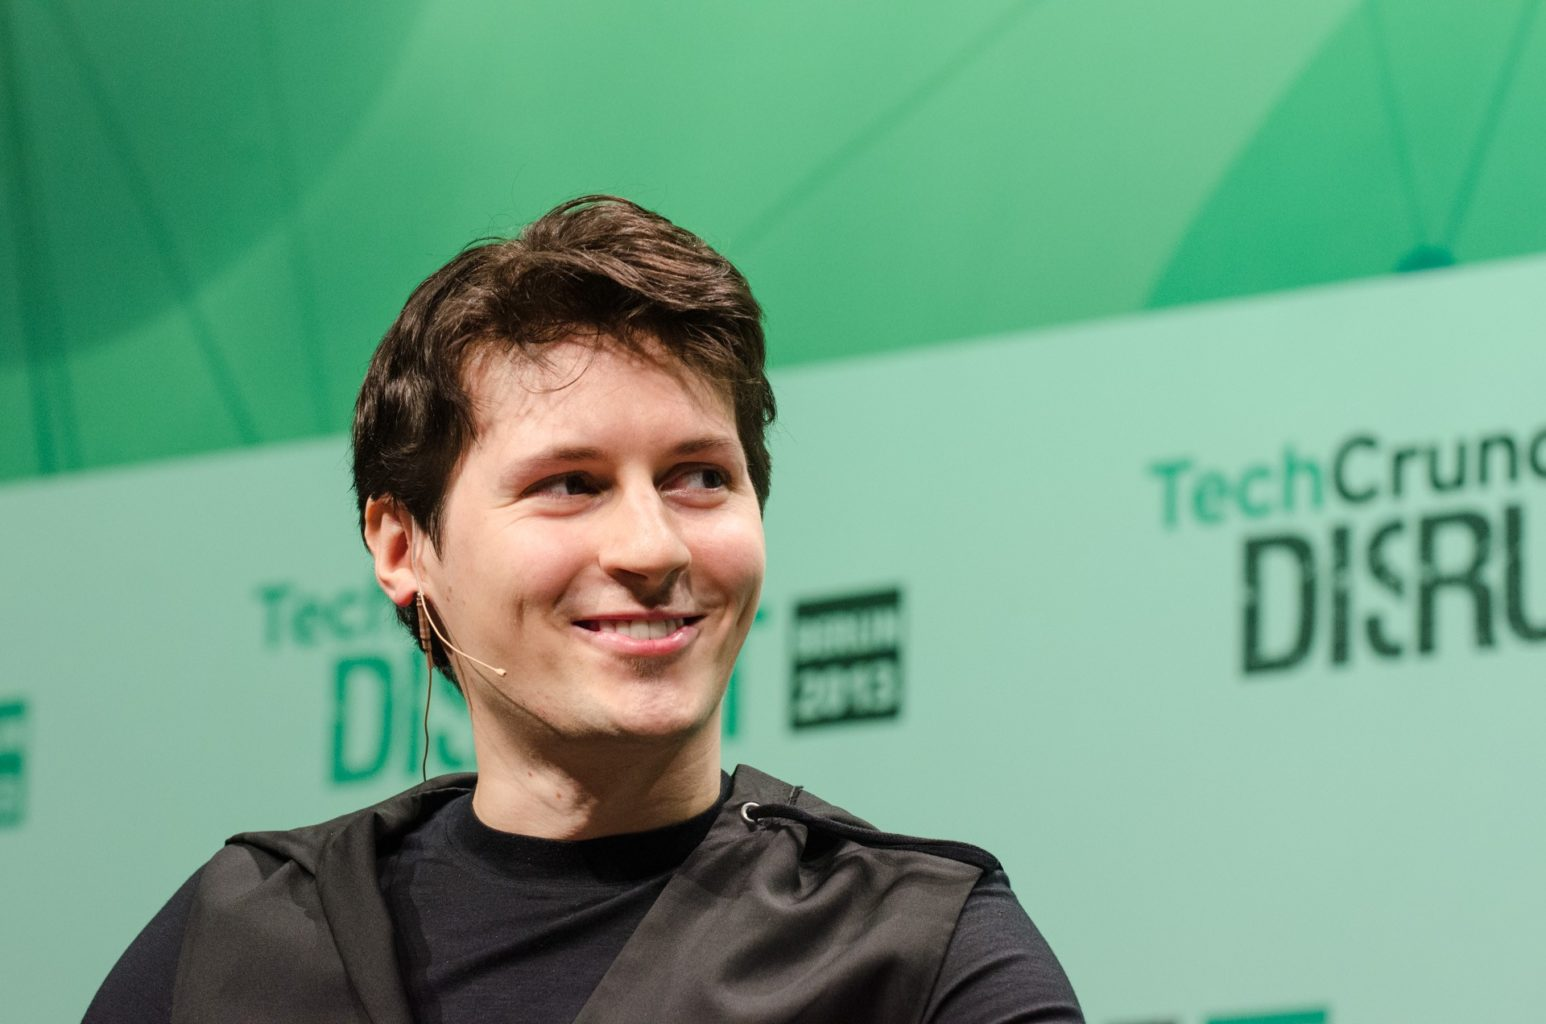 Павел Дуров постится ради развития Telegram